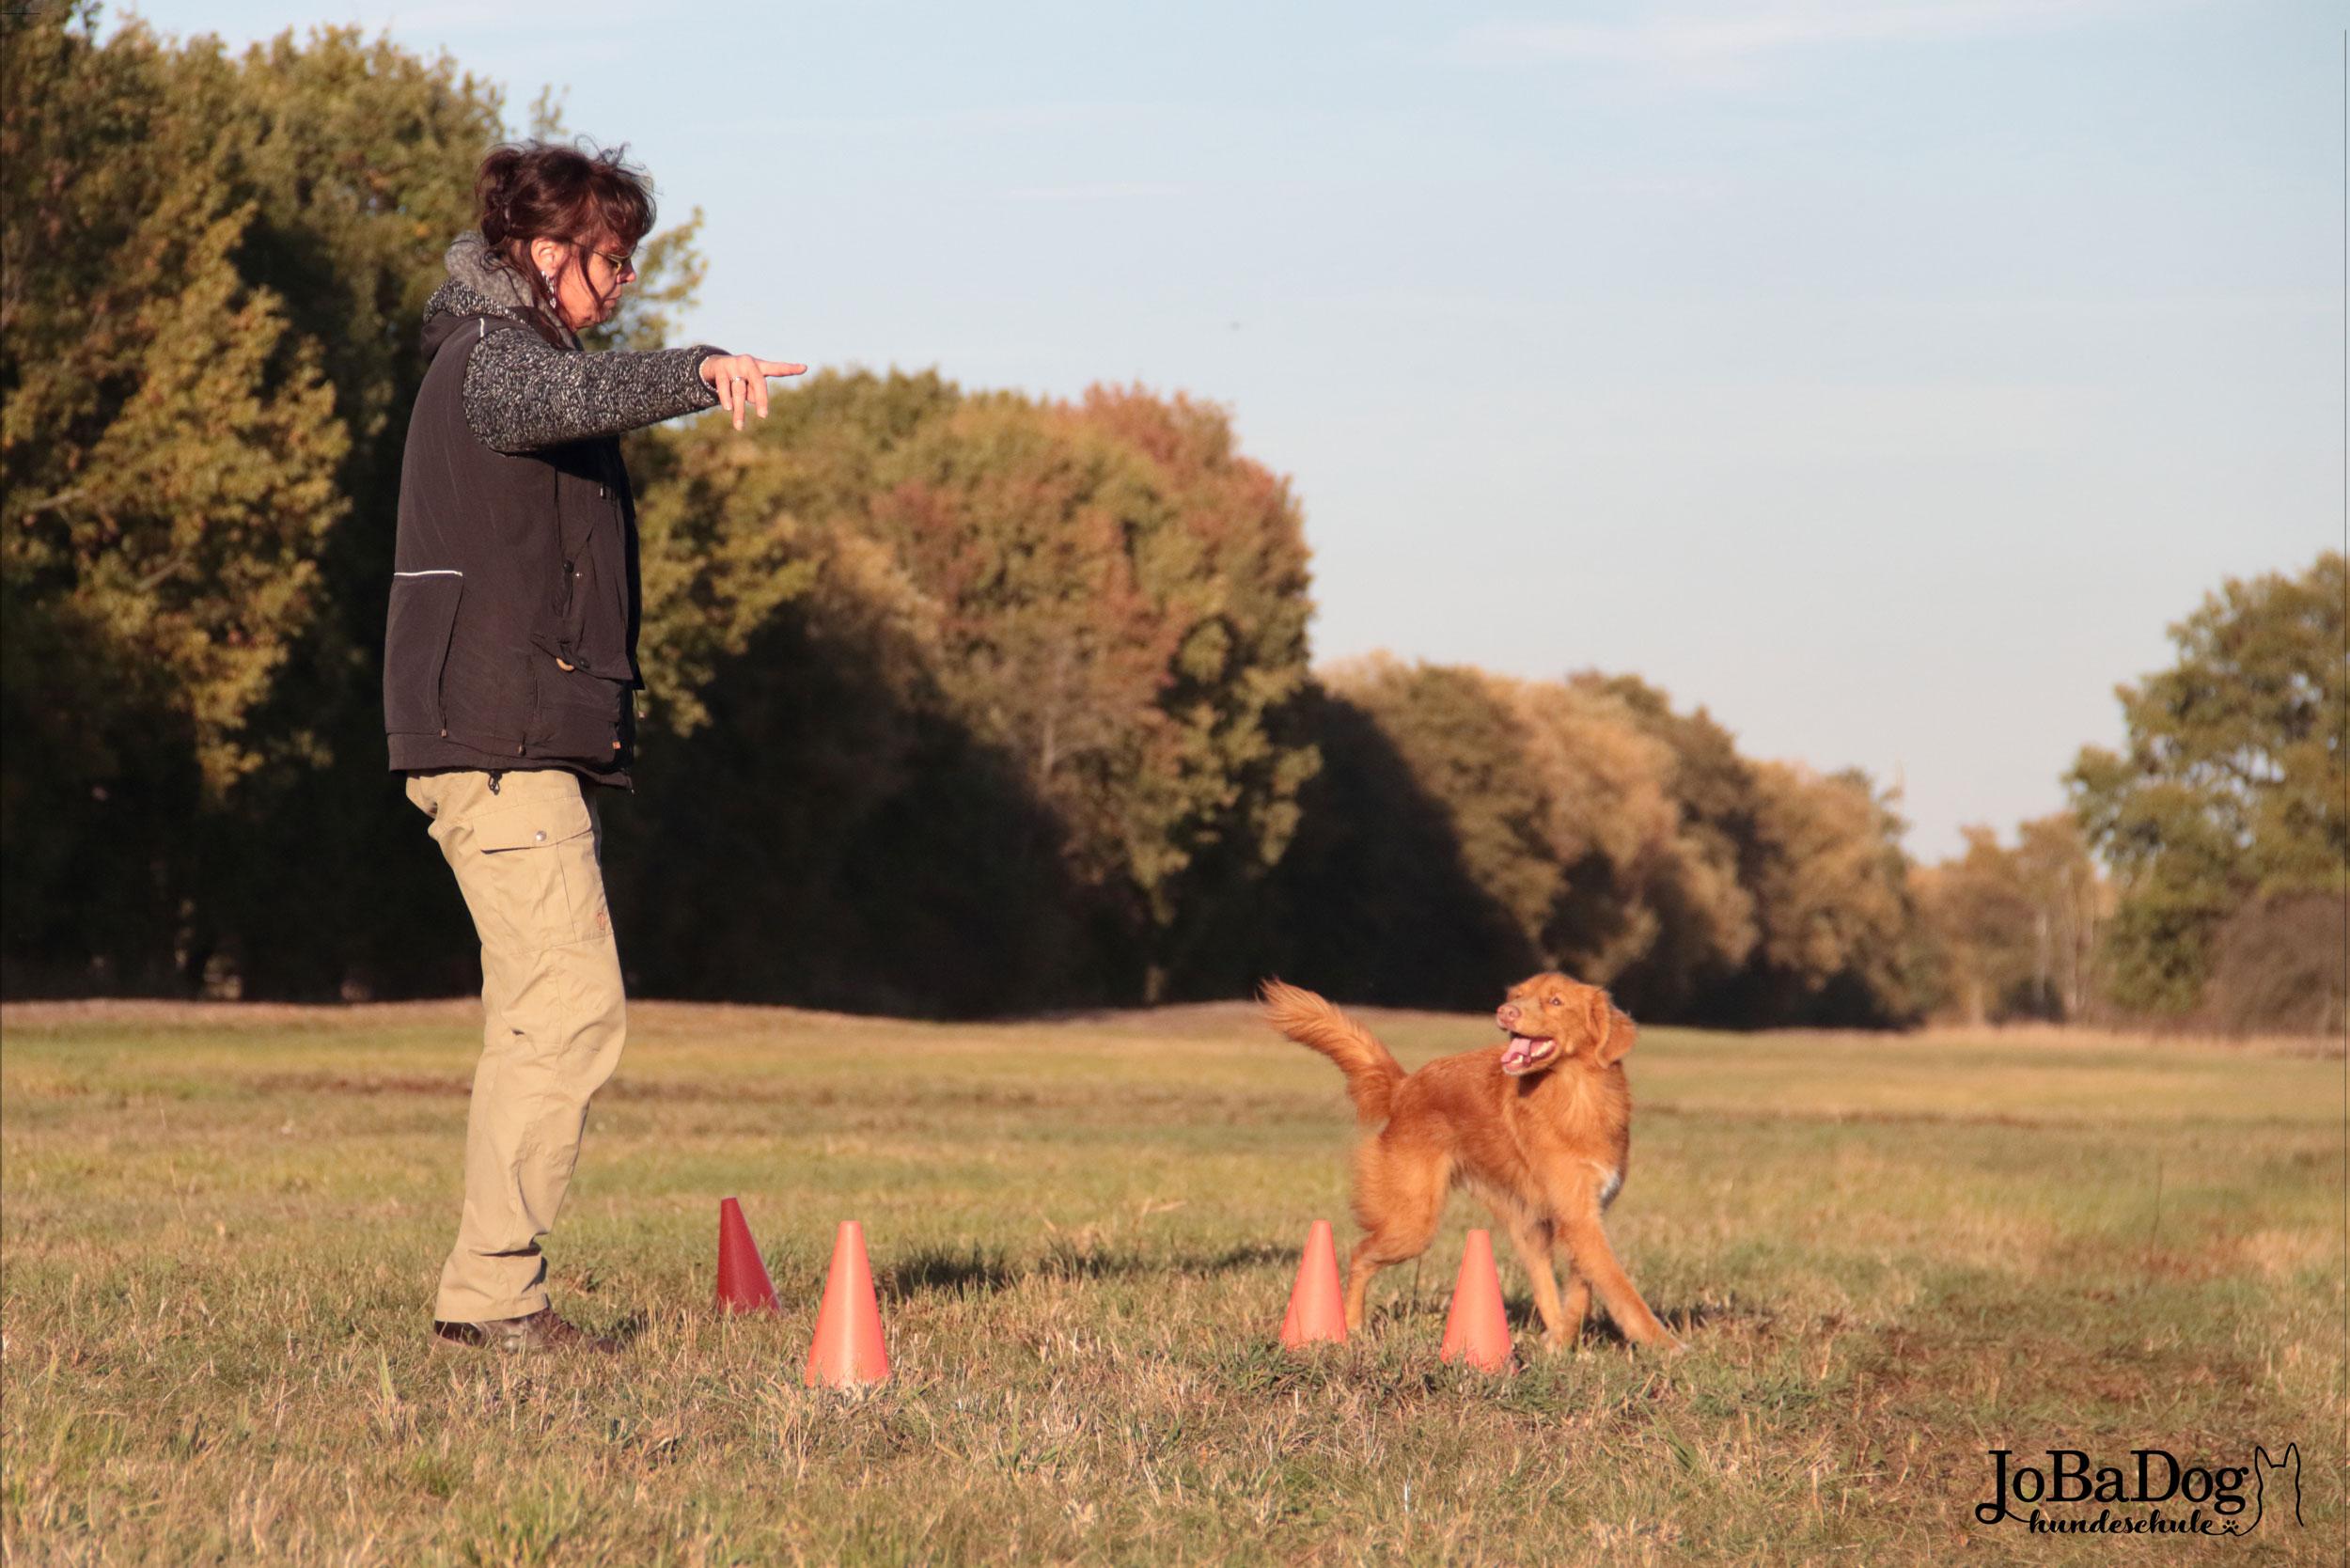 Nichts ist schlimmer als ein Hund ohne Aufgabe. Arbeitslosigkeit des Vierbeiners führt zu Aggression und Fehlverhalten. -